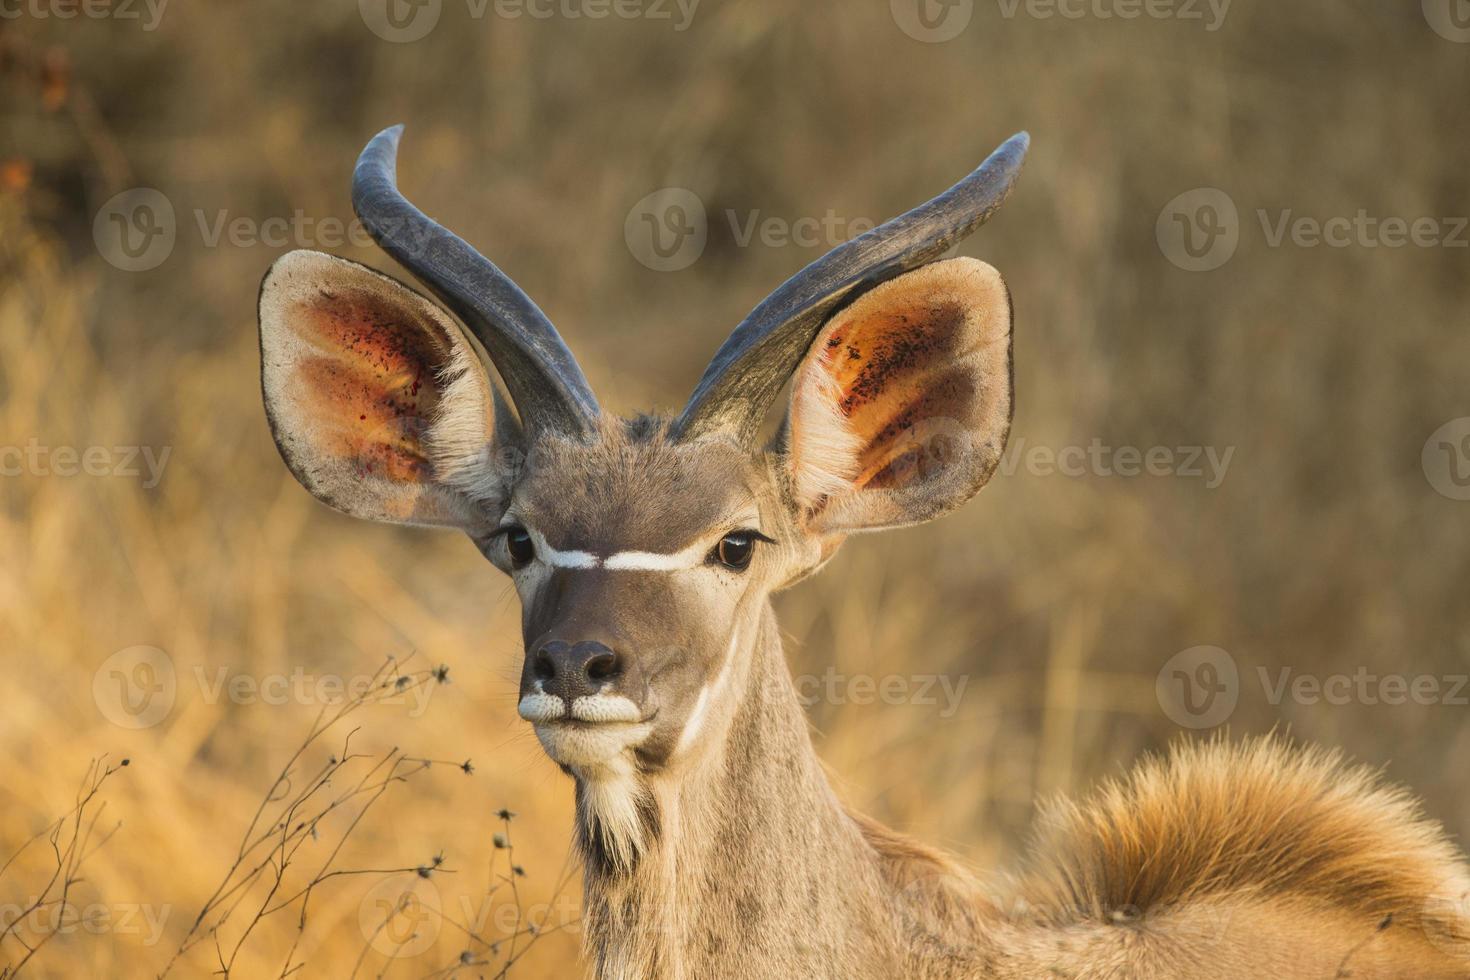 Female Greater Kudu (Tragelaphus strepsiceros) portrait photo